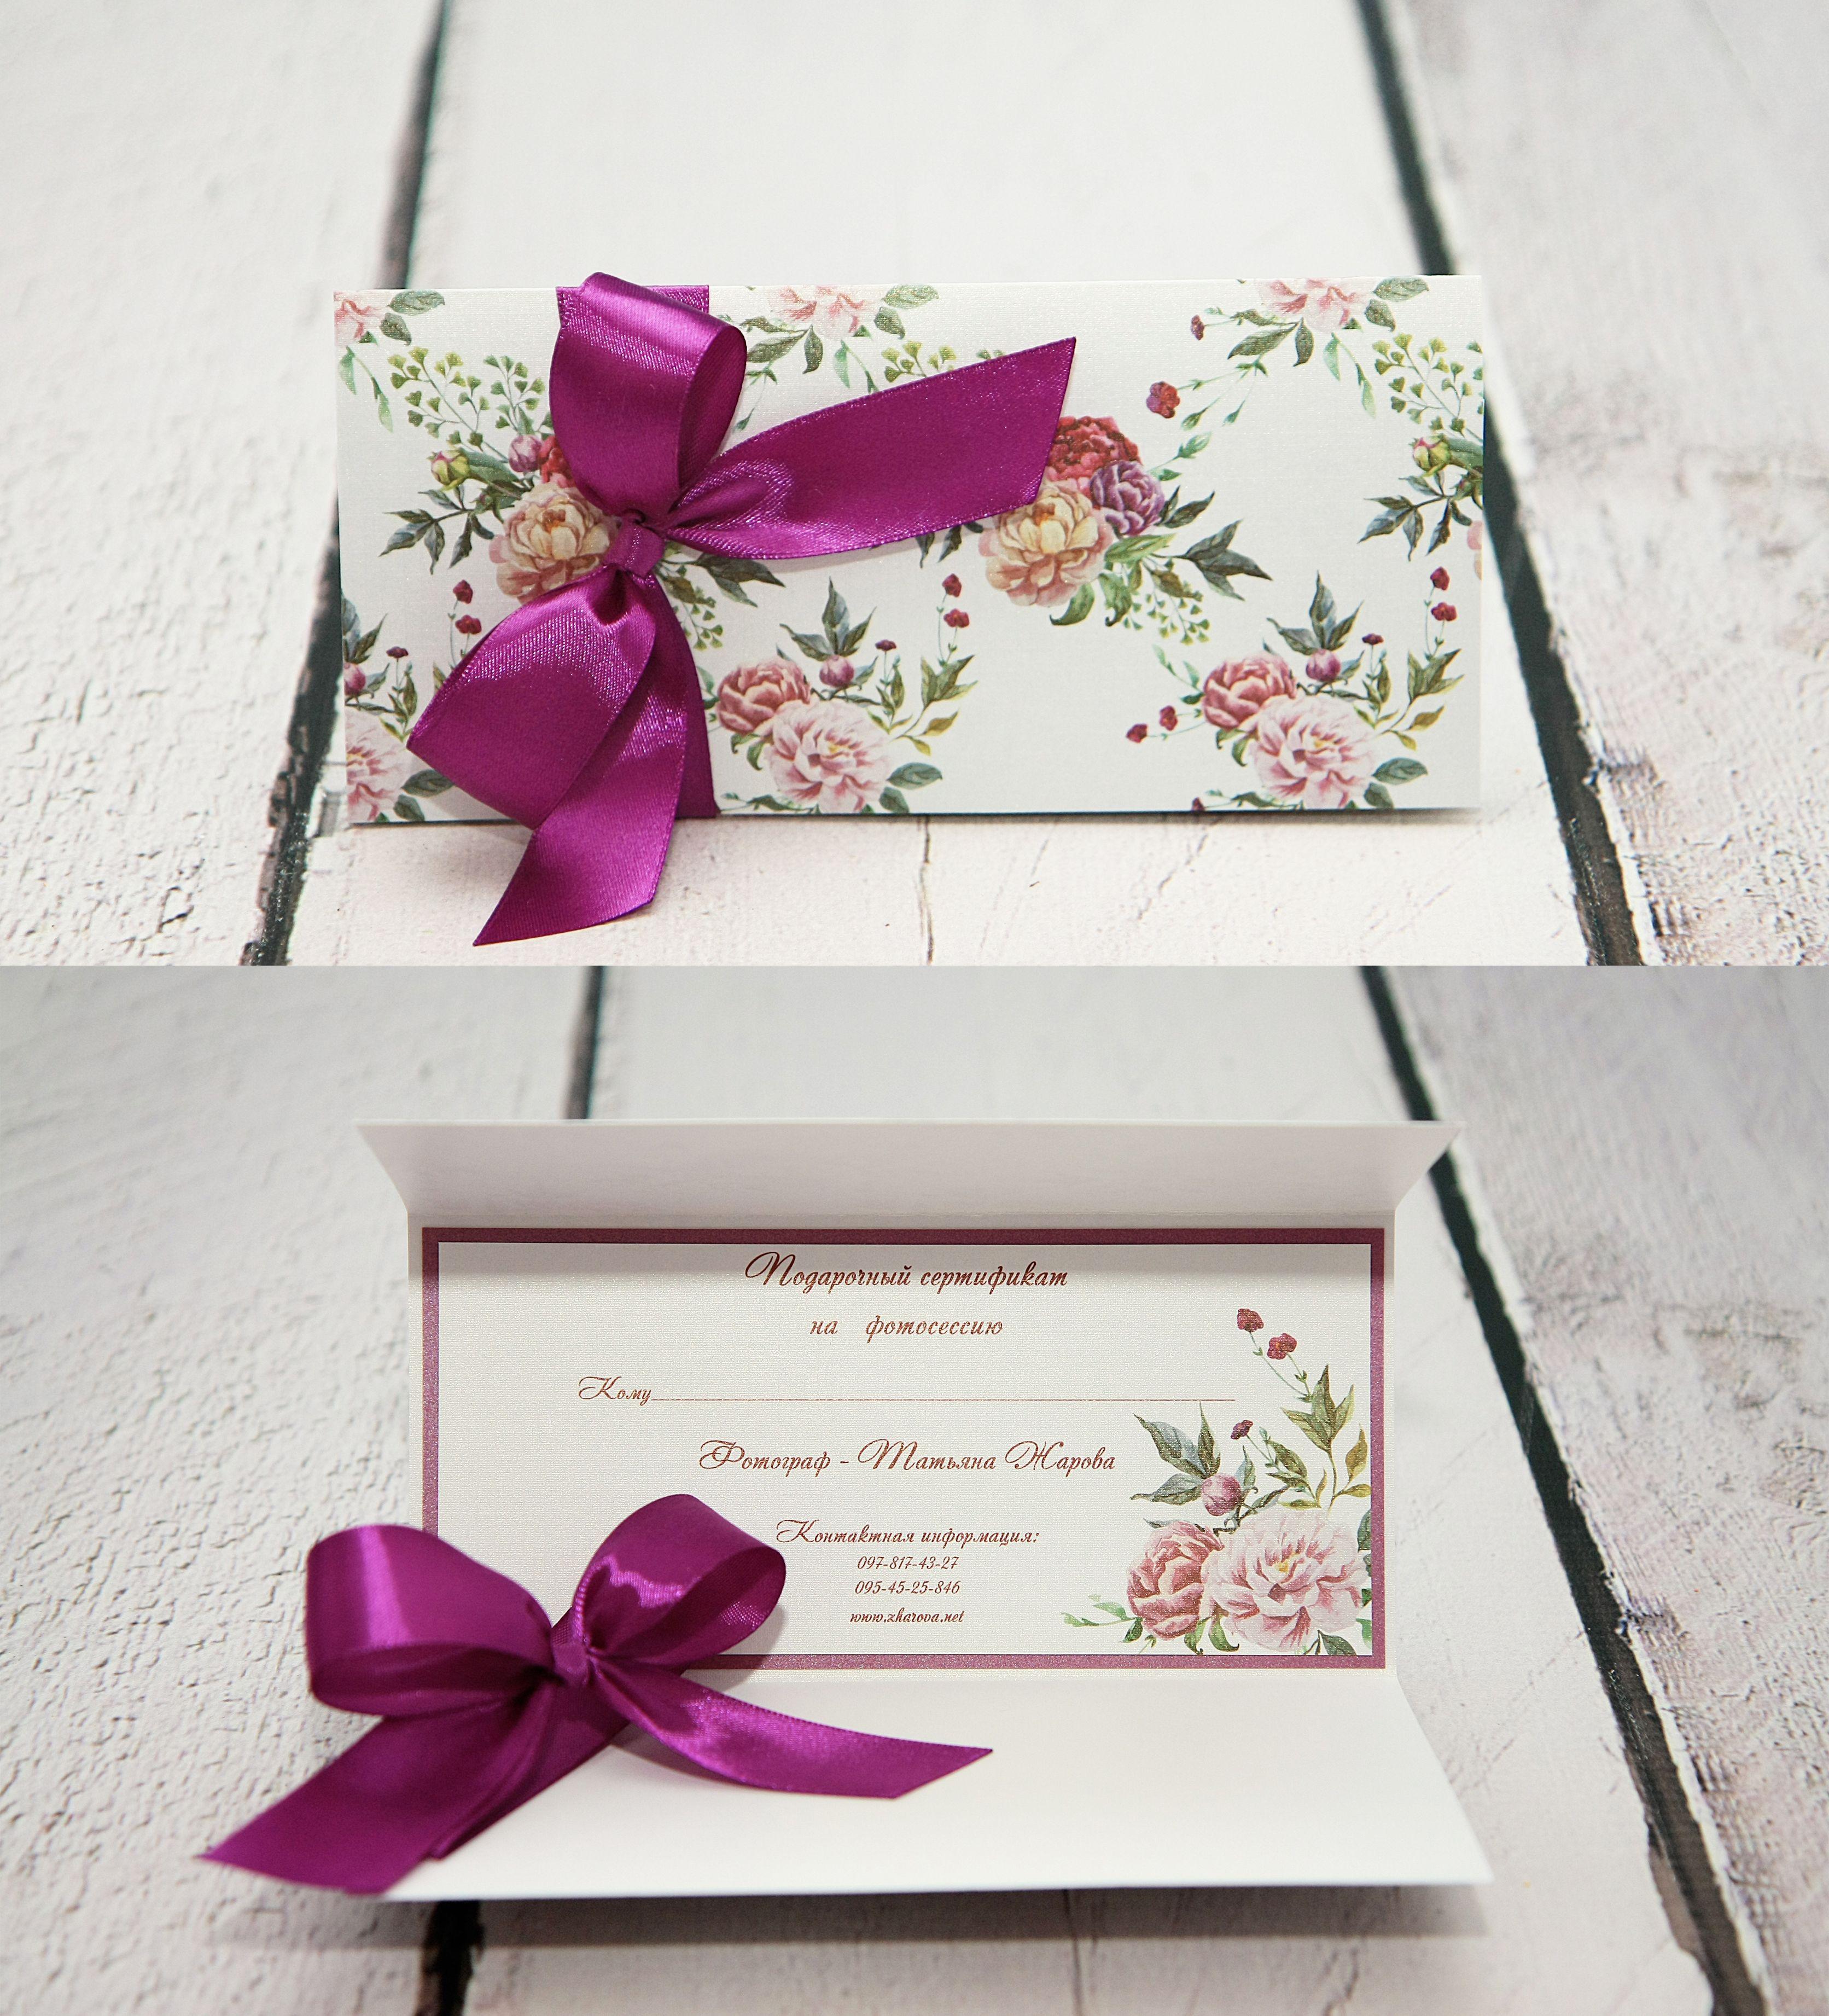 Фарфоровой, сертификат в виде открытки